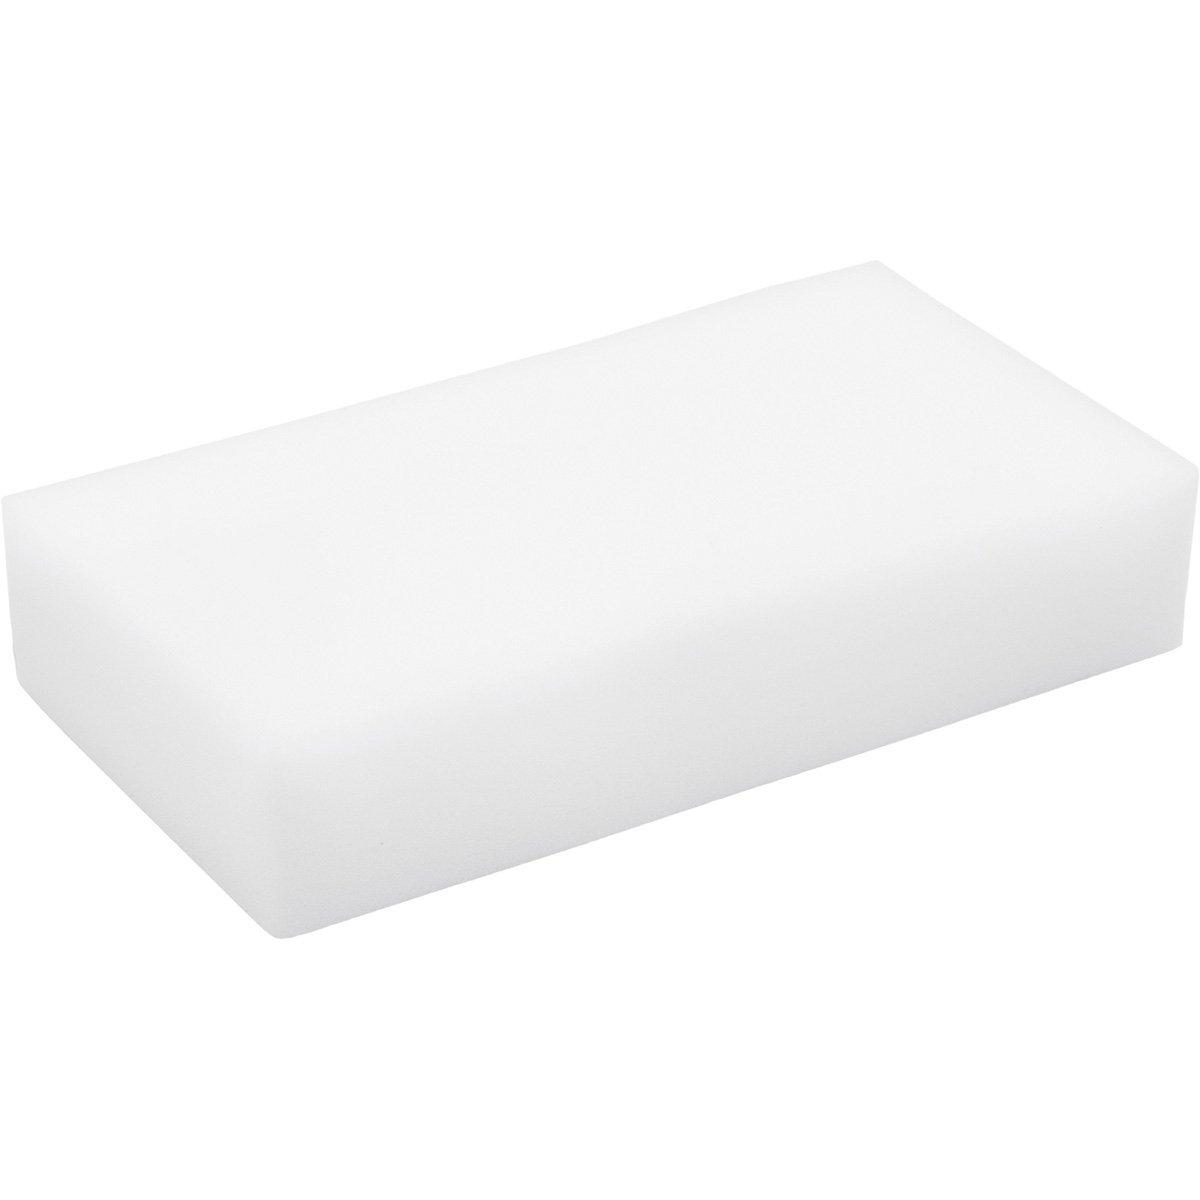 Esponja Limpa Fácil c/ 2 unidades - Kala